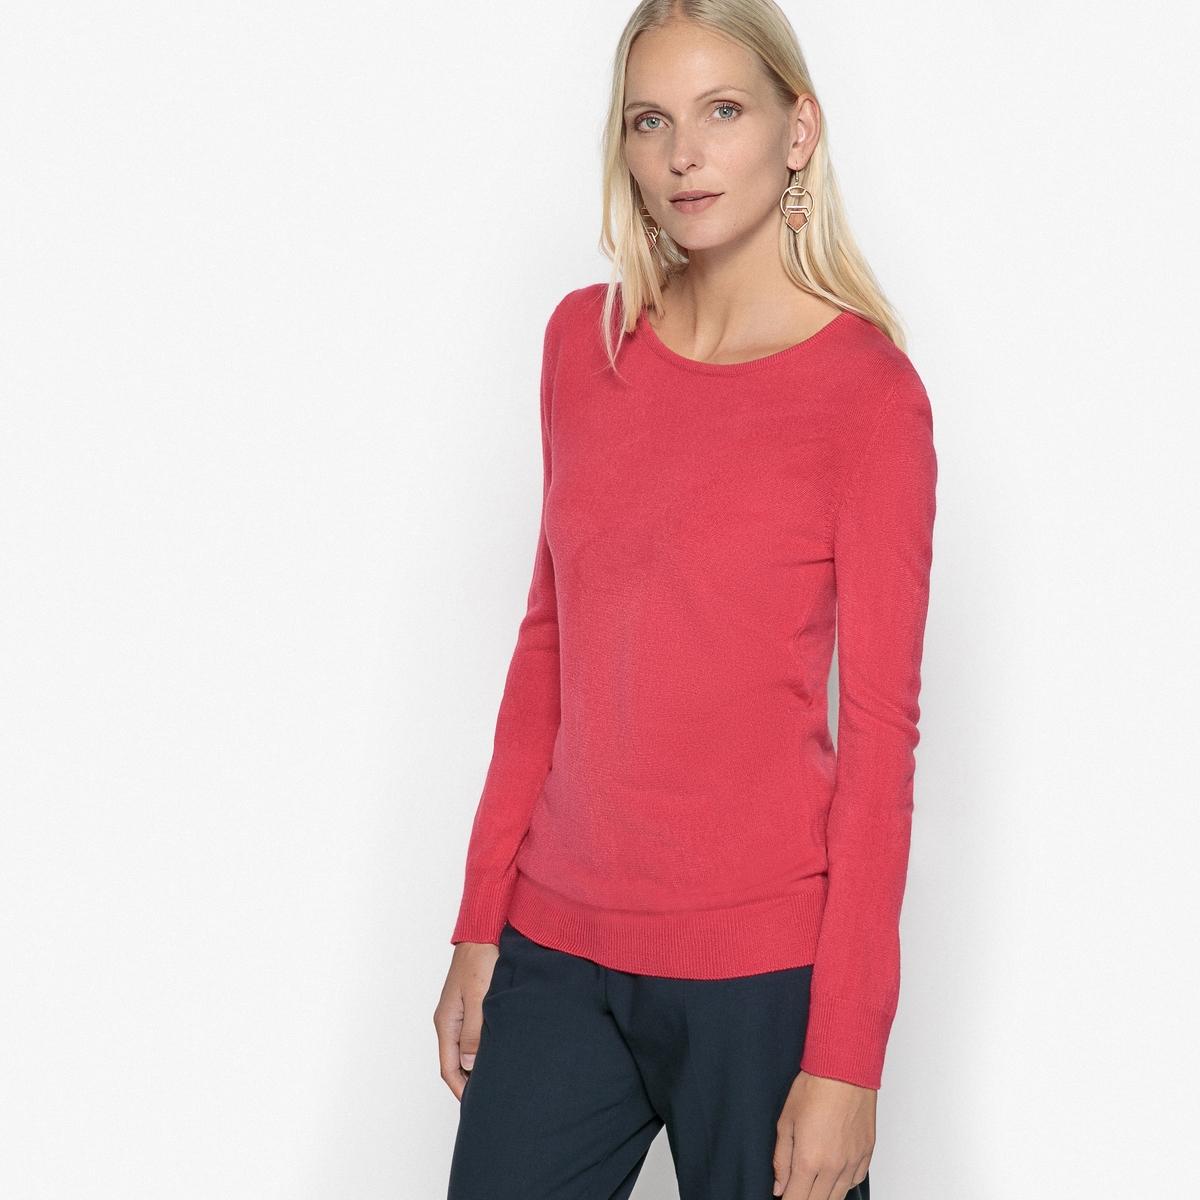 Пуловер с круглым вырезом из мягкого тонкого трикотажа